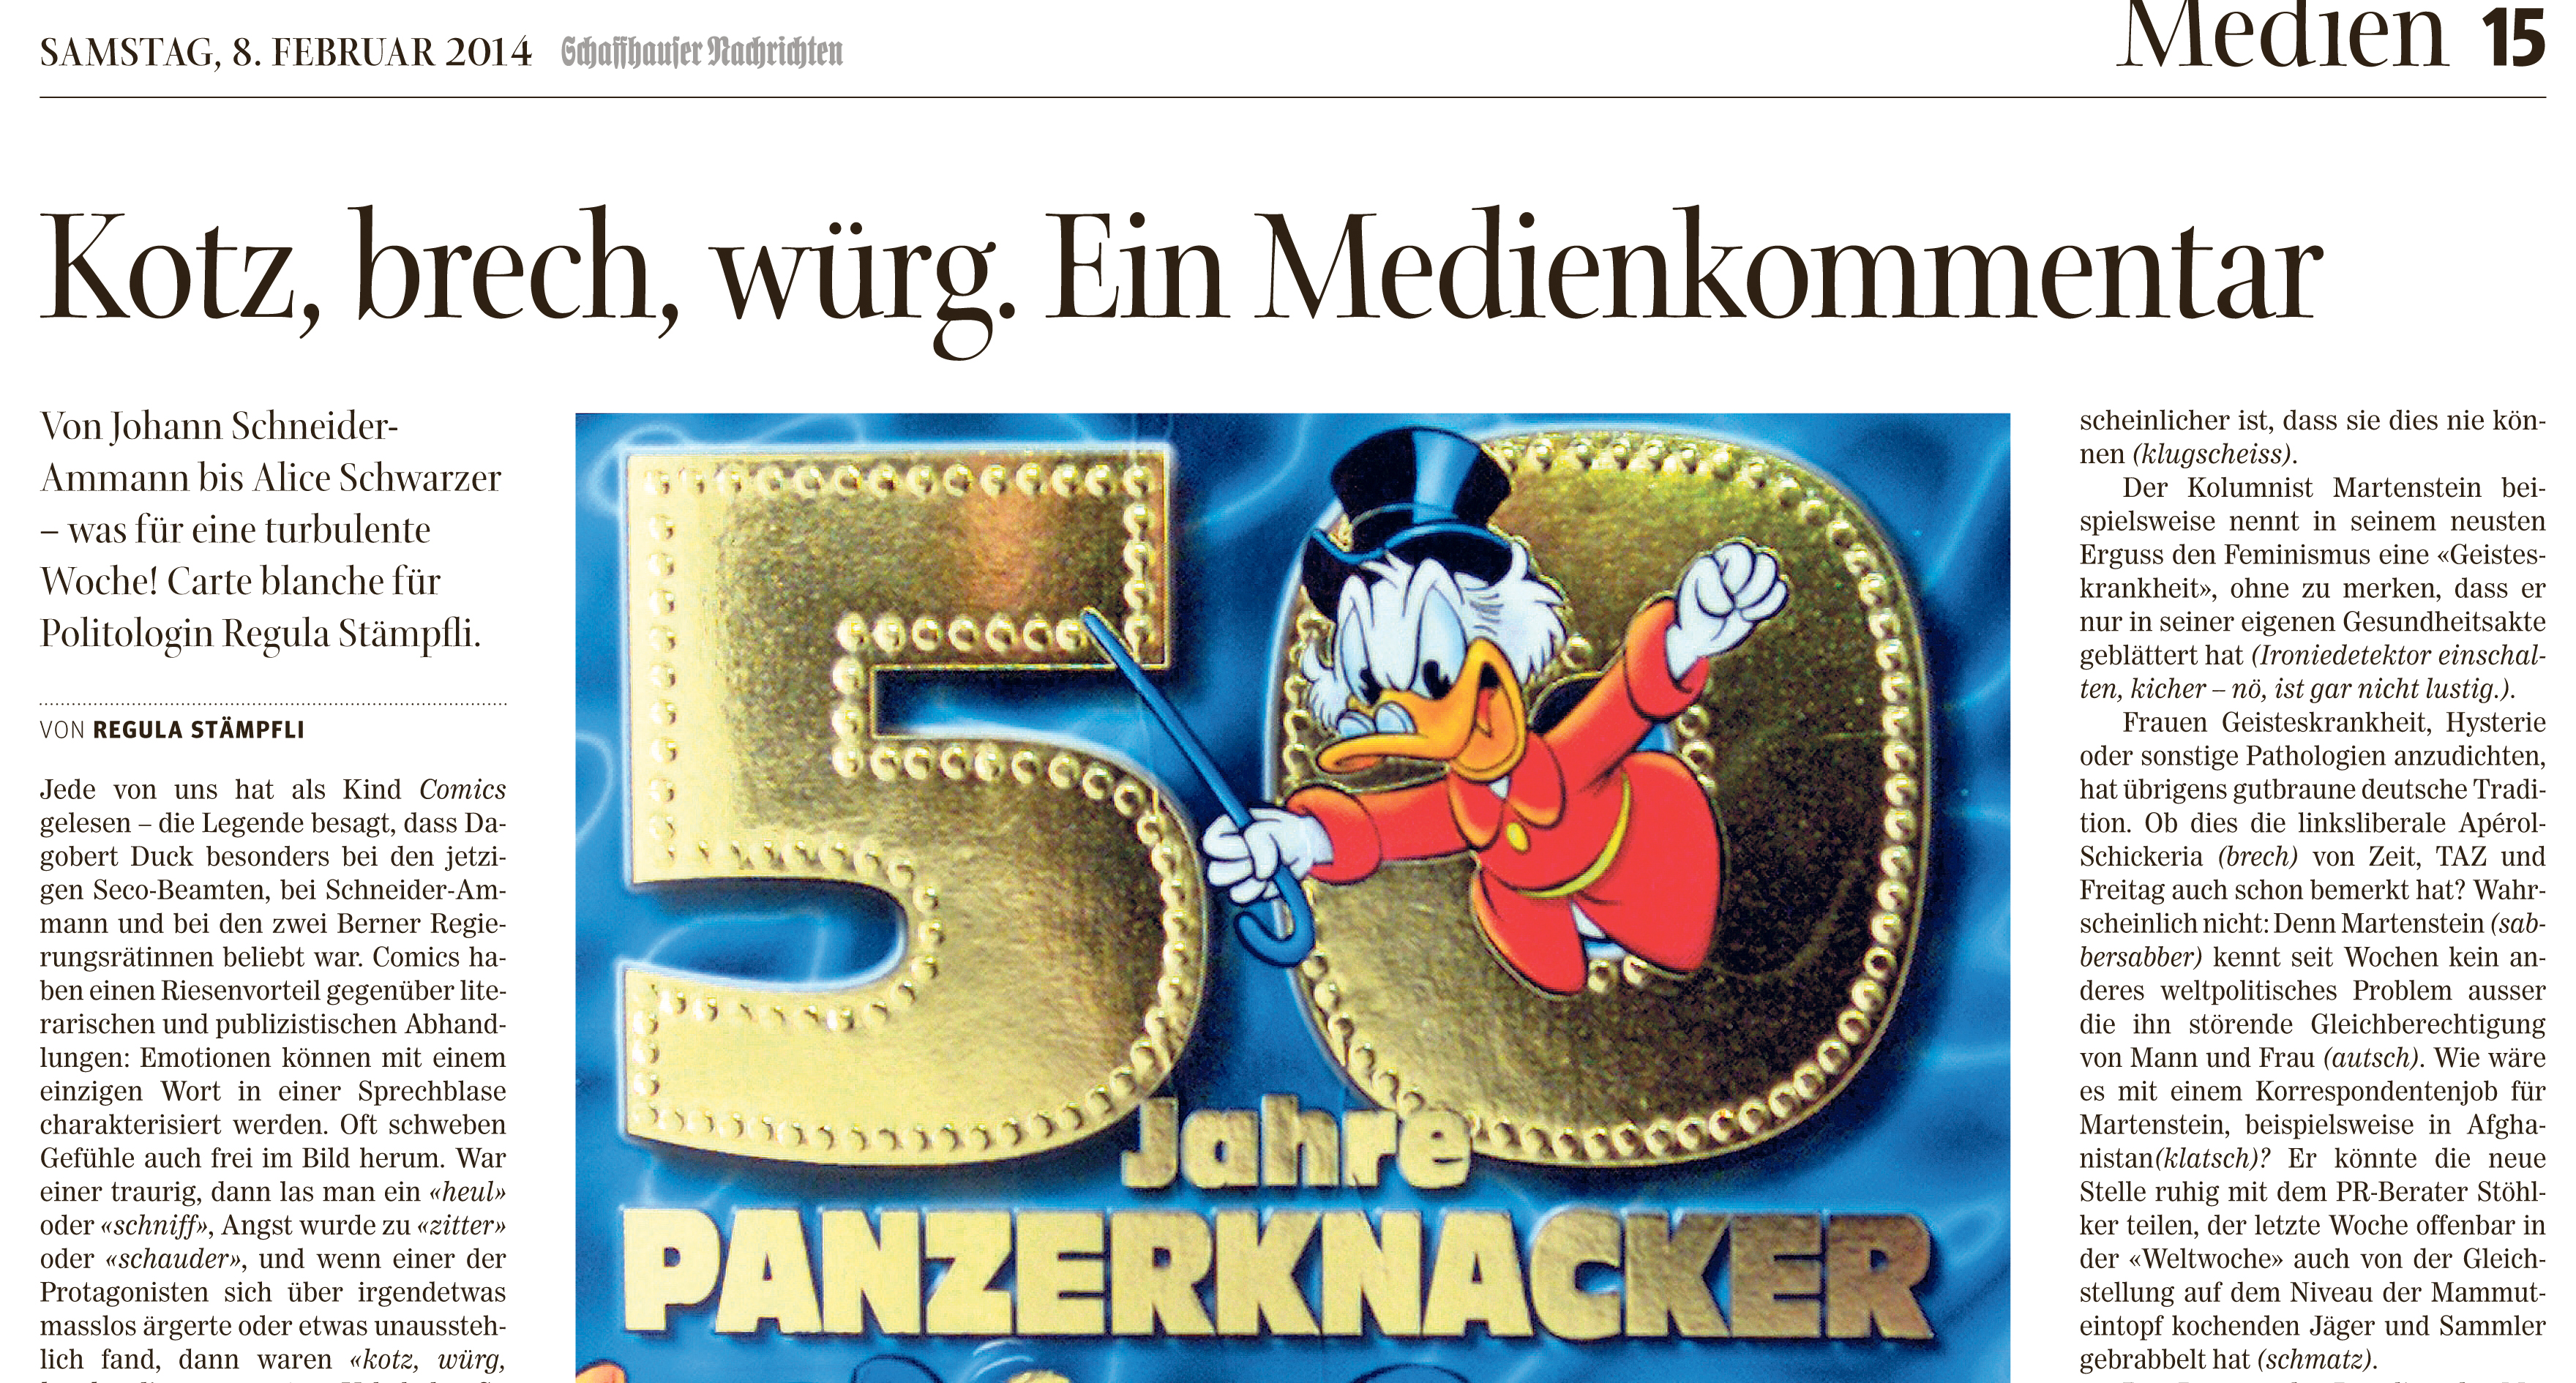 Schaffhauser Nachrichten 8.2.14